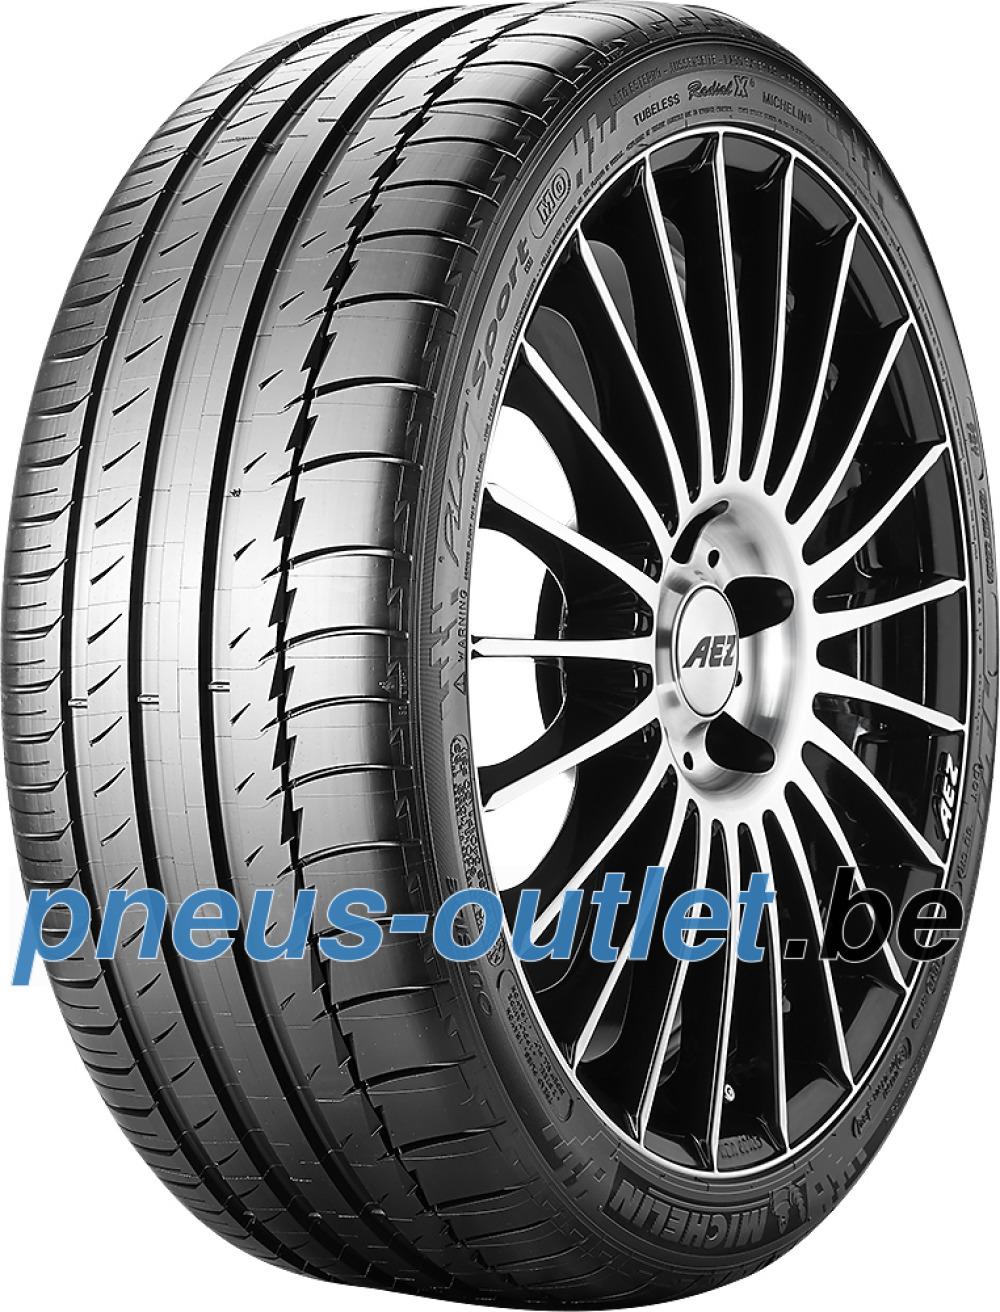 Michelin Pilot Sport PS2 ( 305/35 ZR20 (104Y) K1, avec rebord protecteur de jante (FSL) )